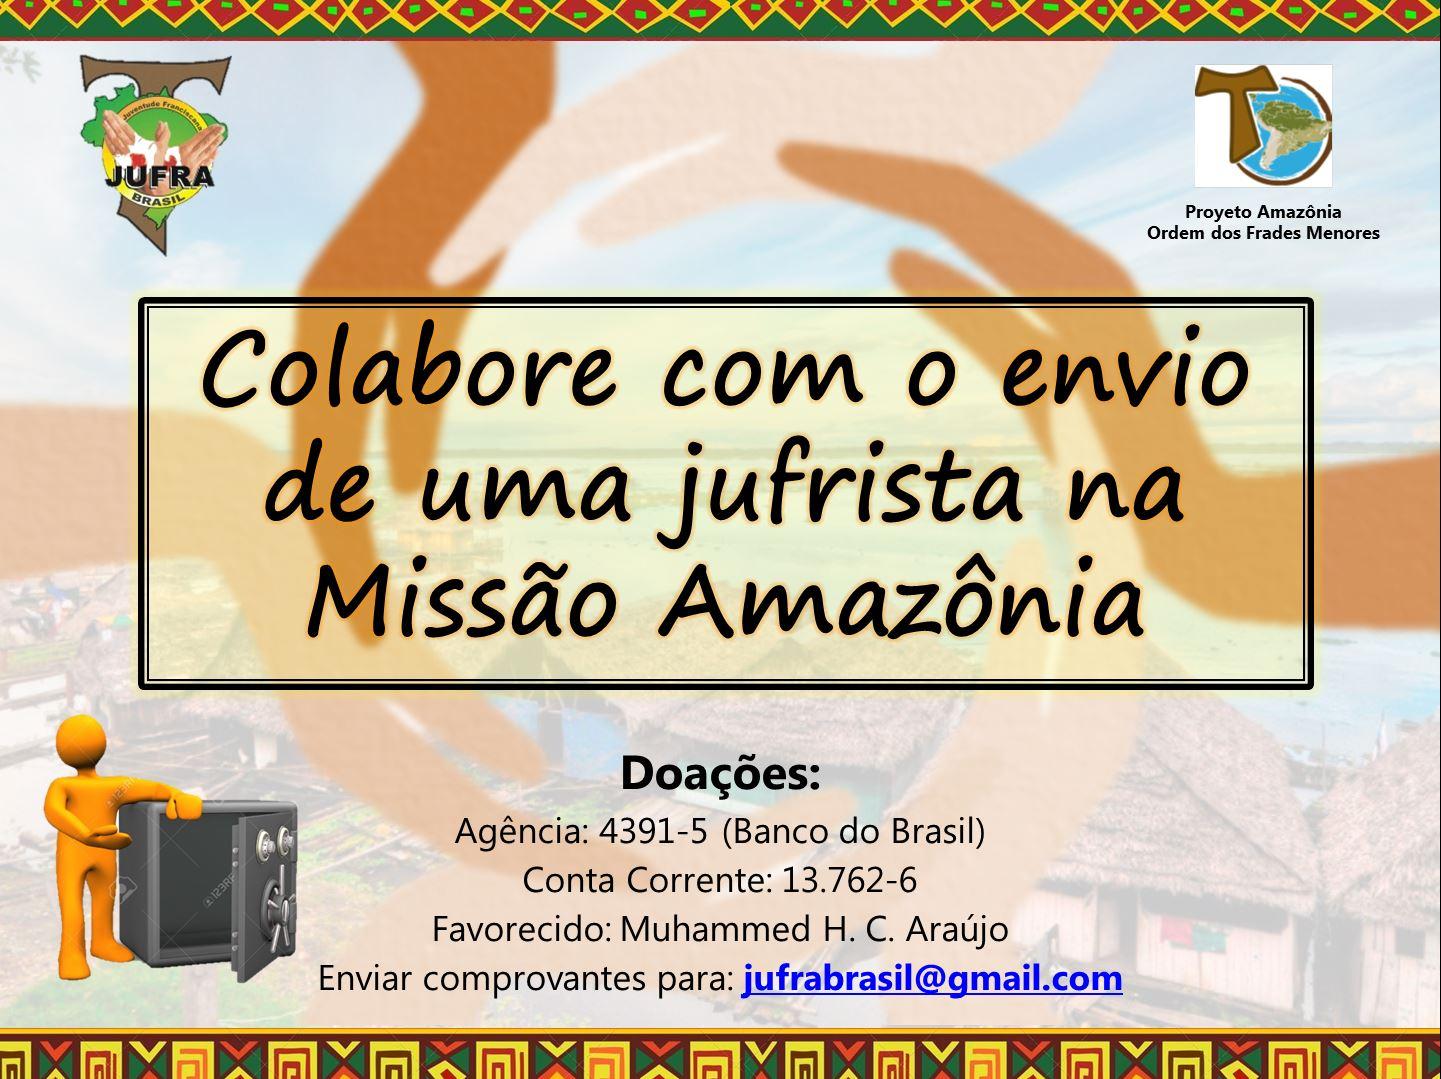 MISSÃO AMAZÔNIA 2018